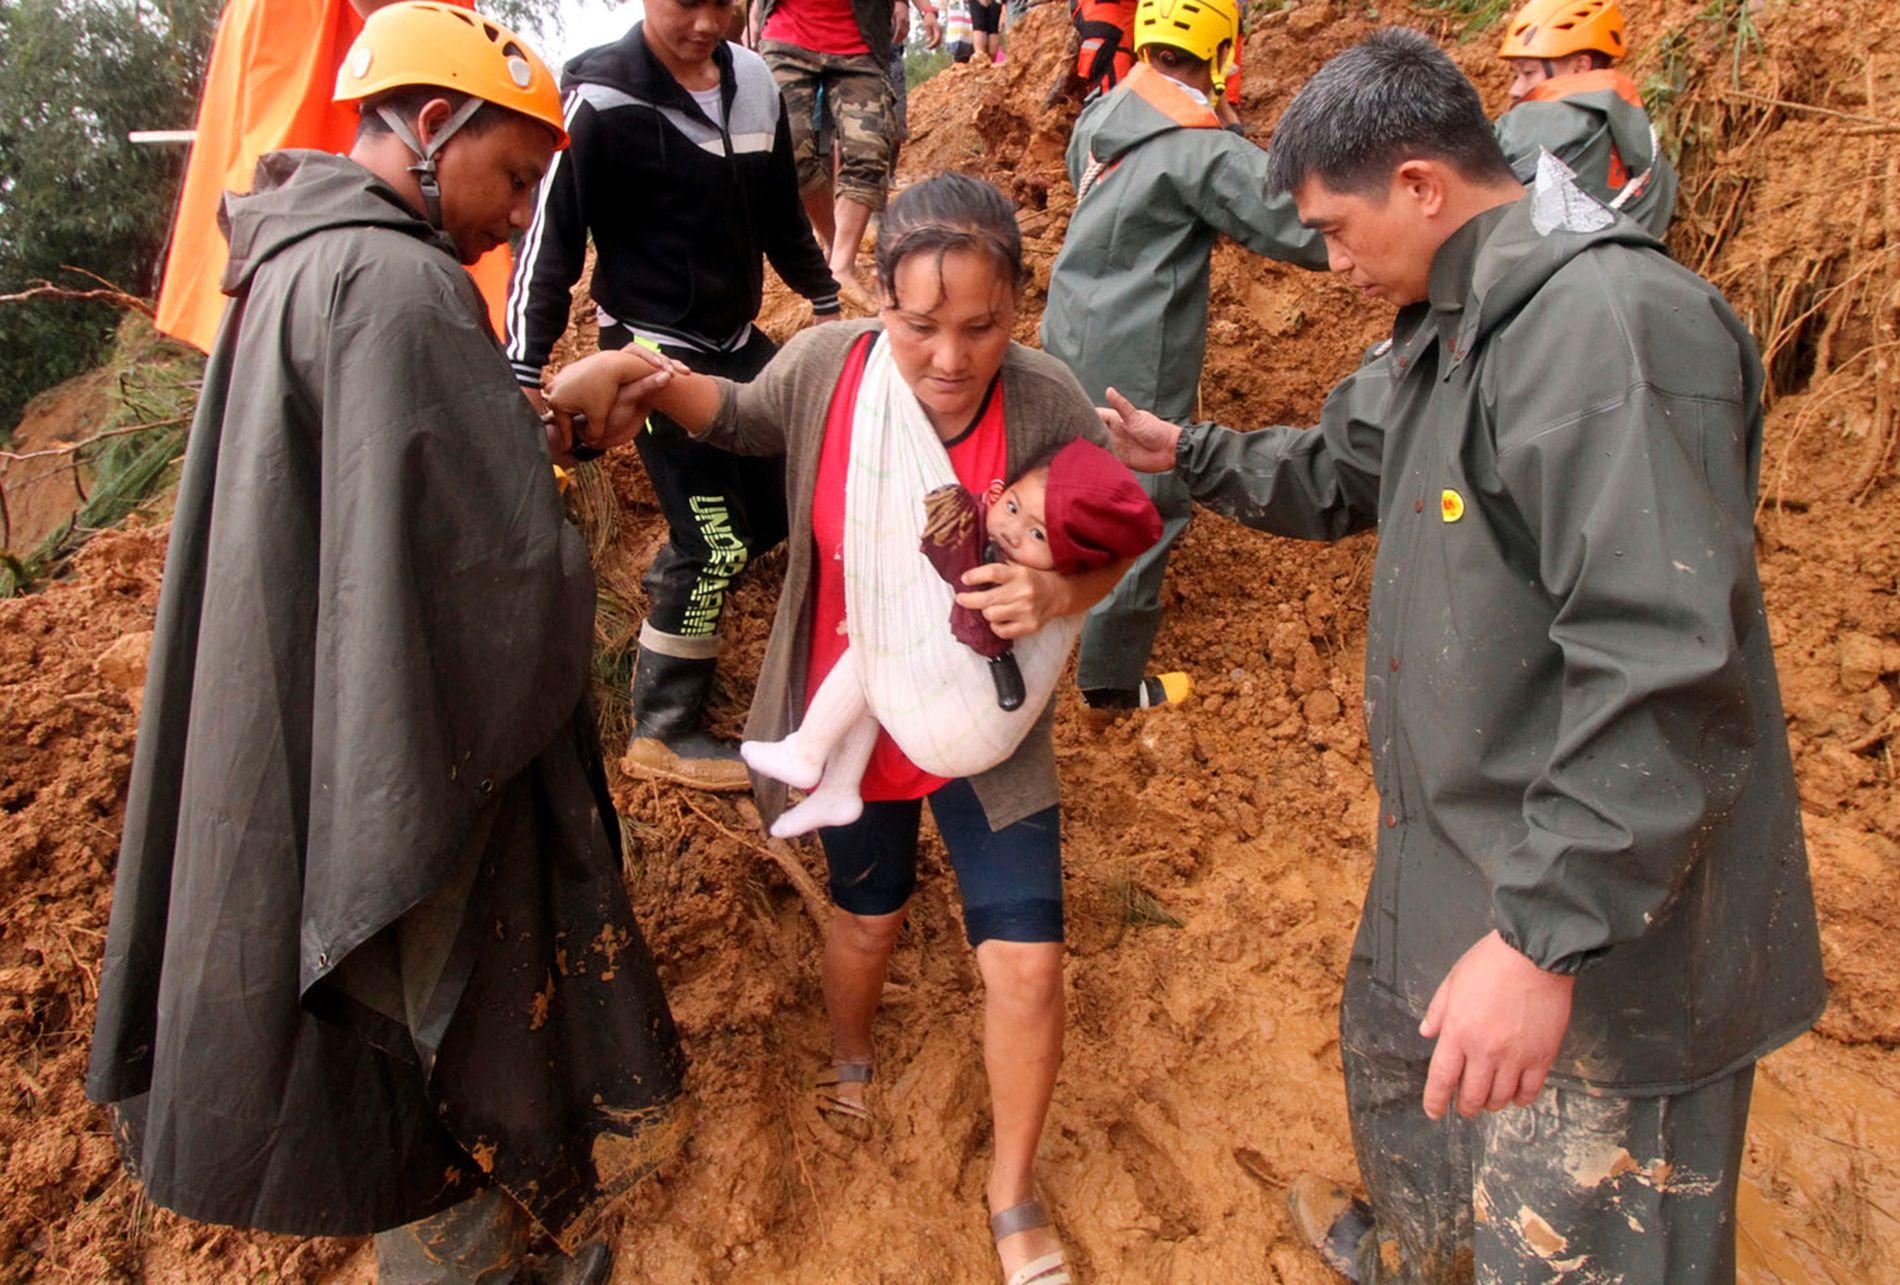 FÅR HJELP: Redningsarbeidere bistår en mor og hennes barn som evakueres etter et kraftig jordskred i Itogon i Benguet-provinsen nord på Filippinene. Jordskredene i Benguet har krevd over 30 menneskeliv.